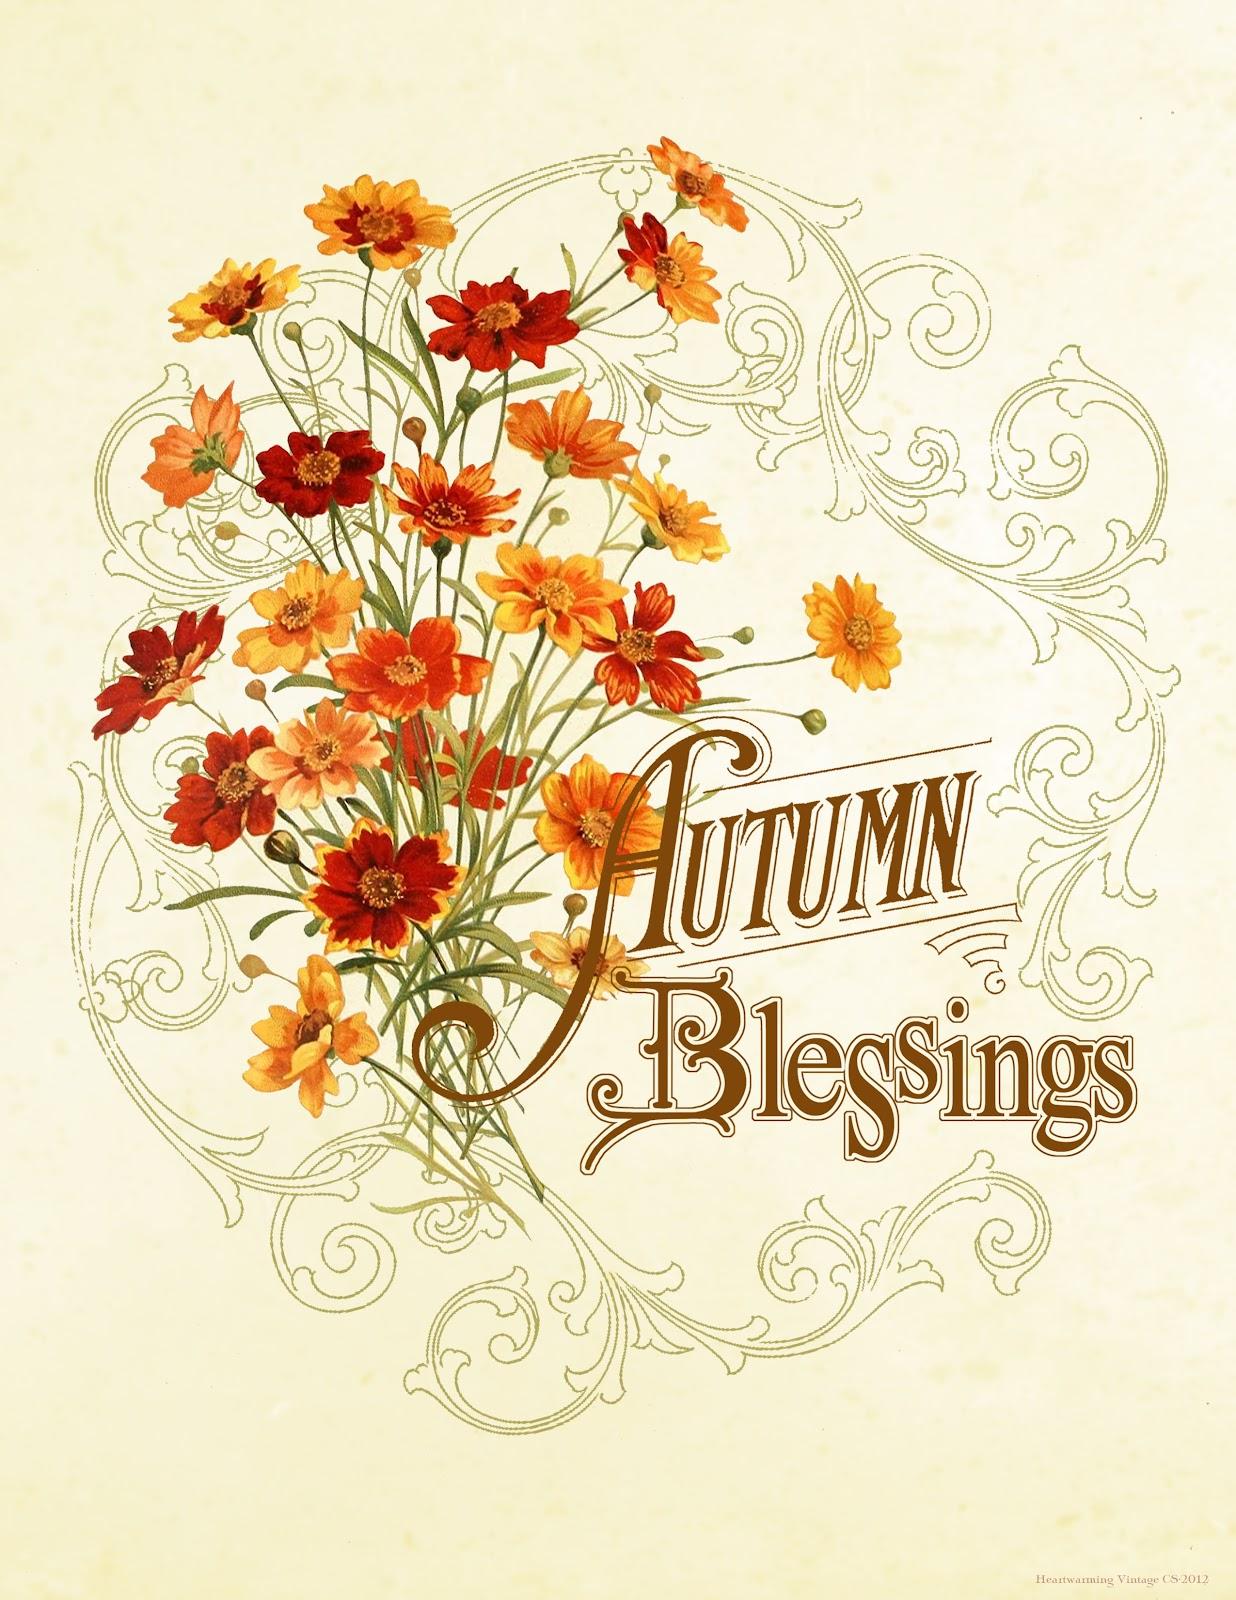 Autumn Blessings Quotes Quotesgram